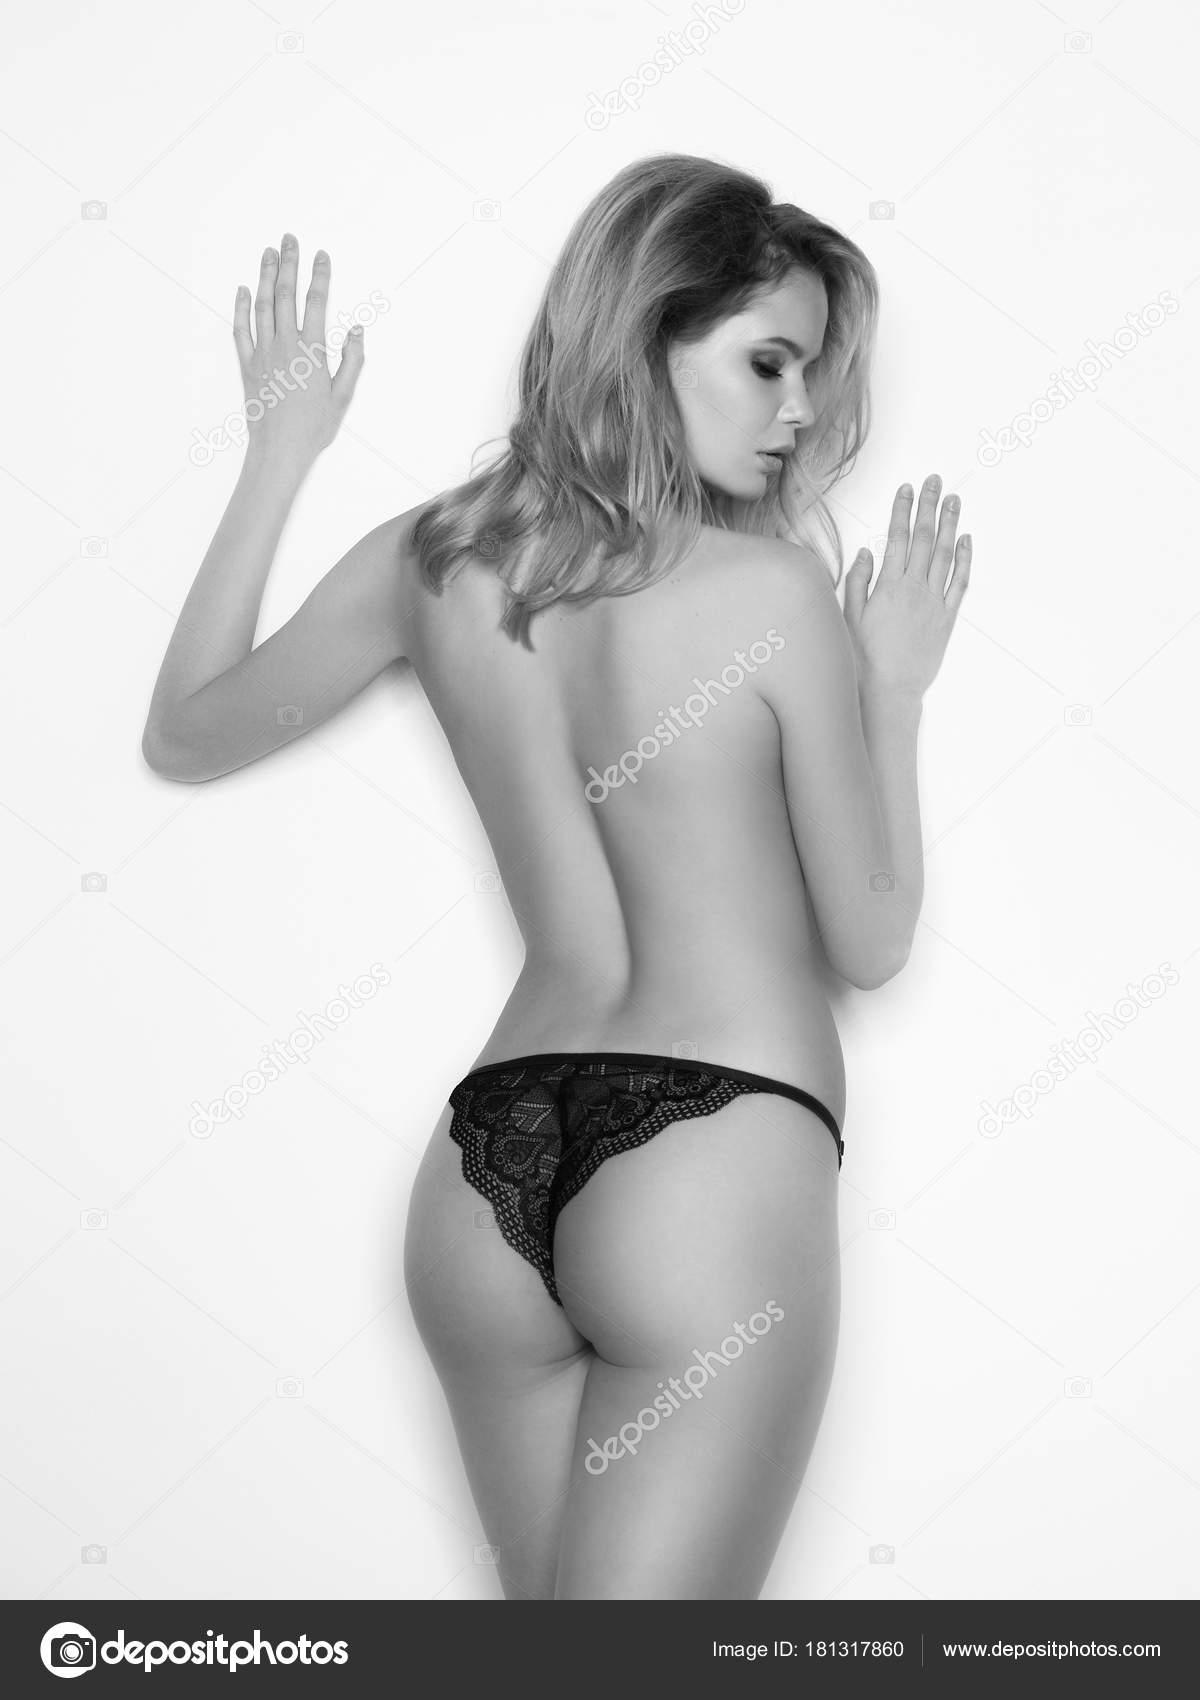 σέξι γυμνές γυναίκες έφηβοι